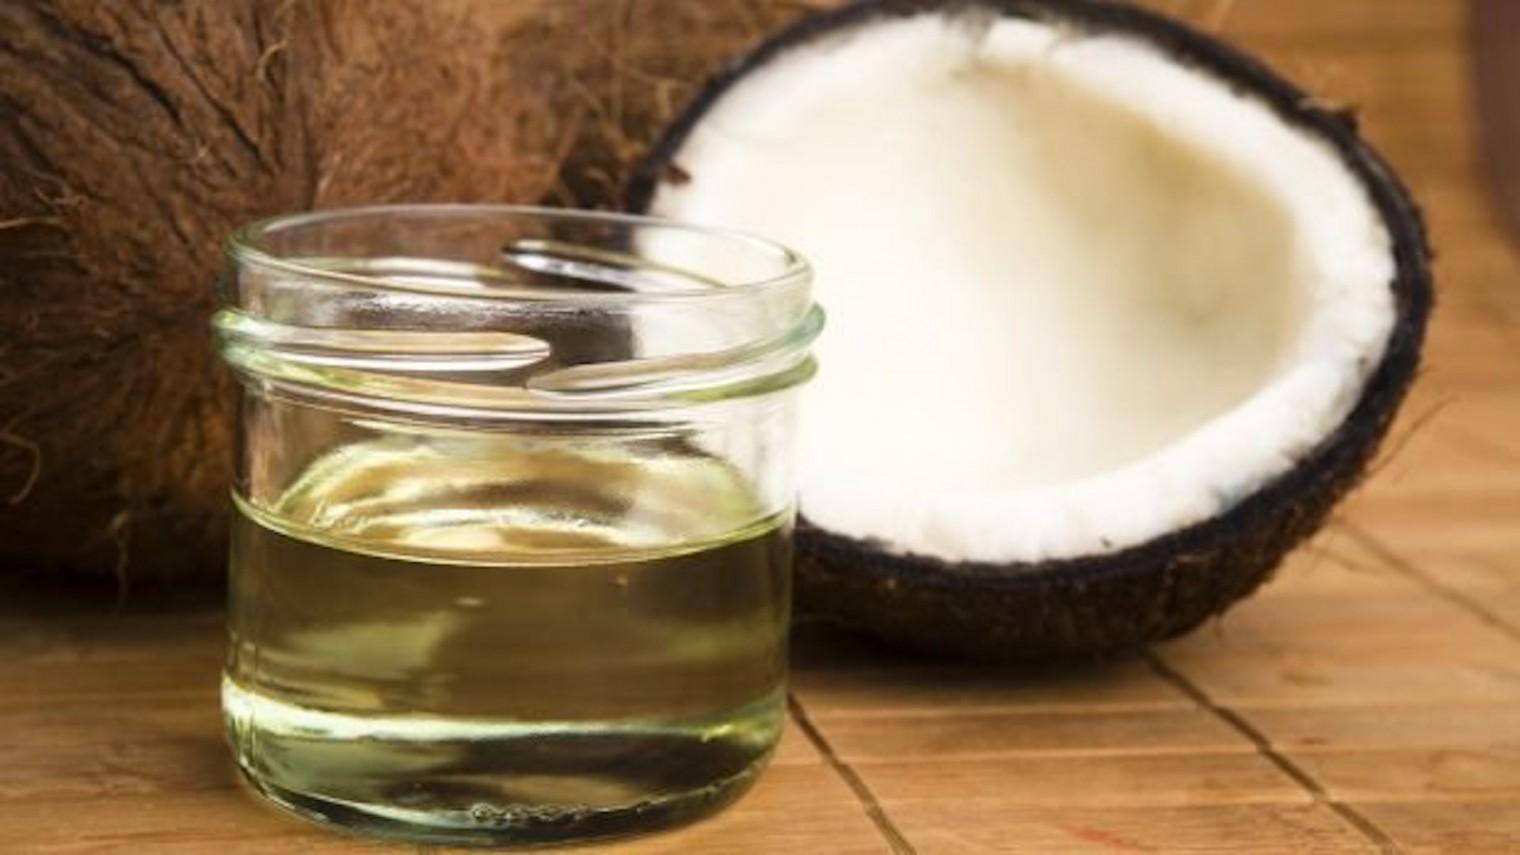 hidratação-com-oleo-de-coco-em-casa